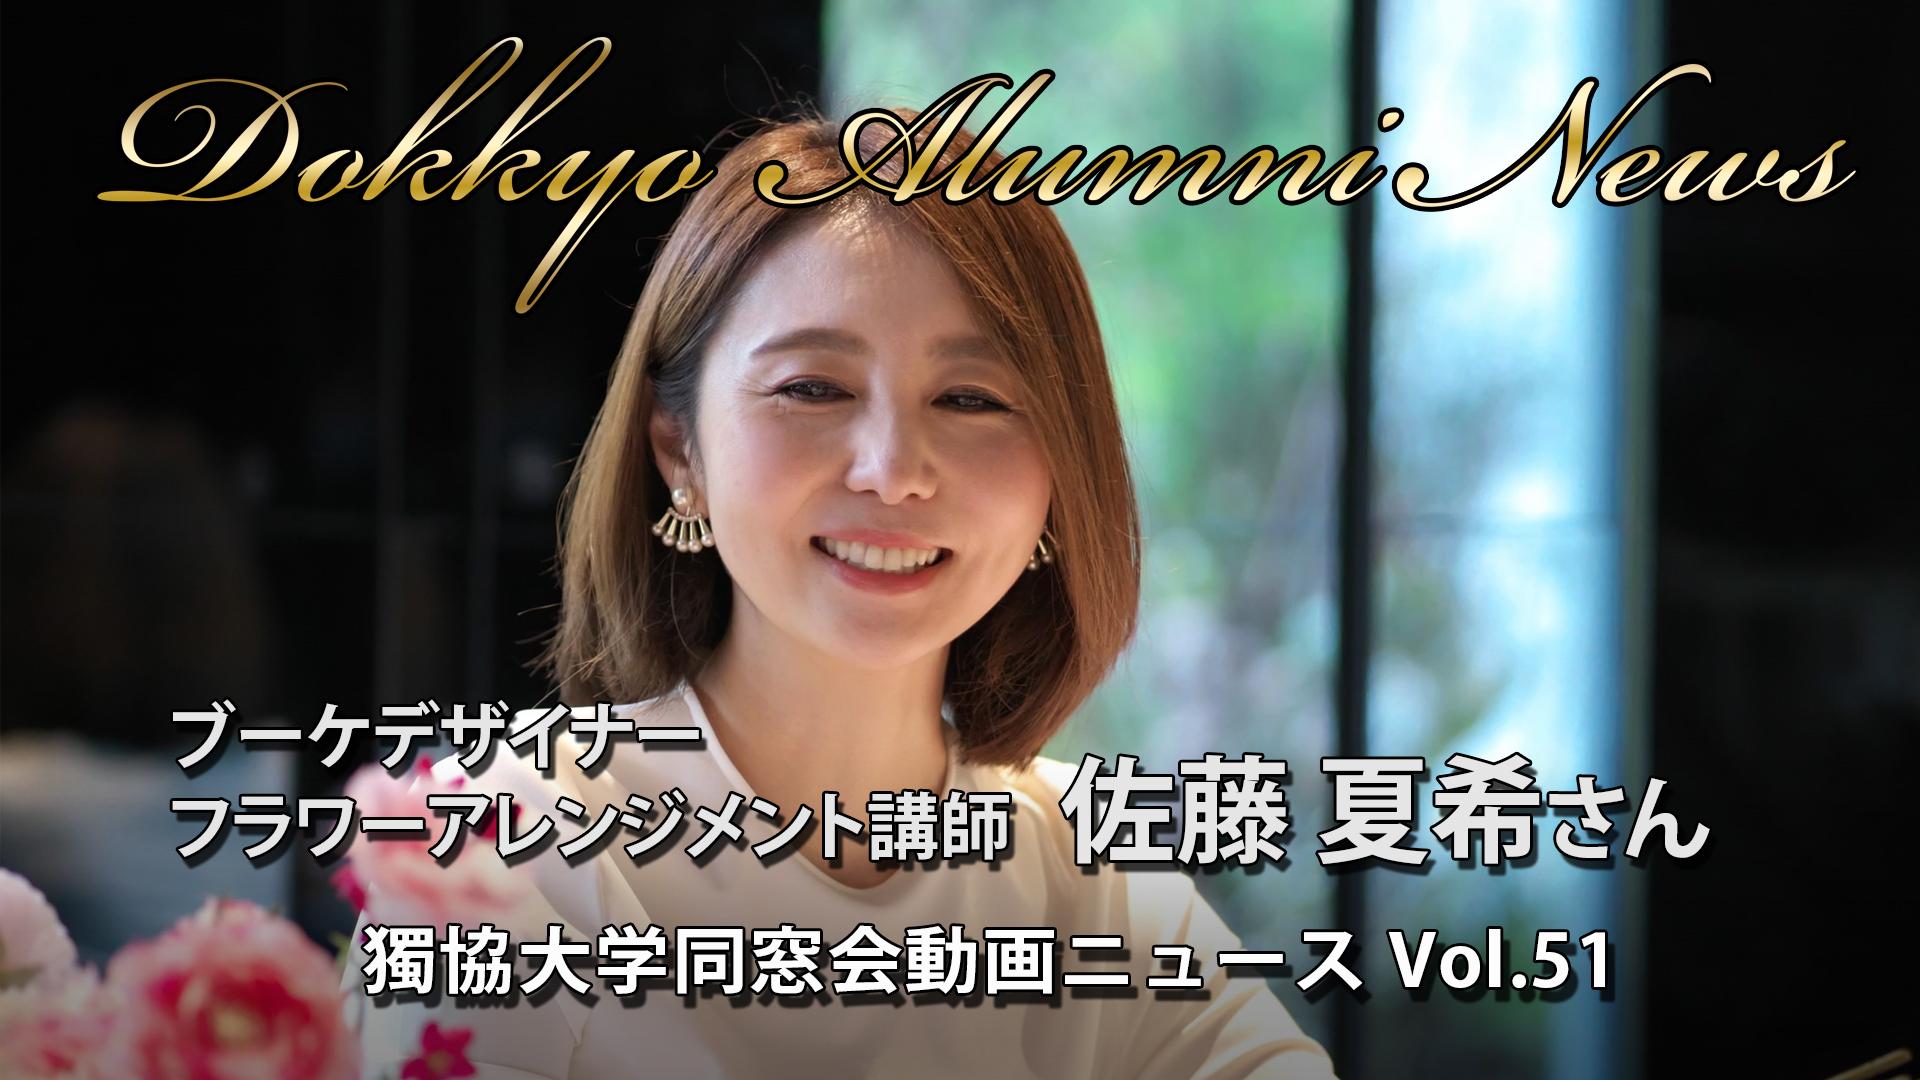 ブーケデザイナー佐藤夏希さん_Dokkyo Alumni NEWS 051